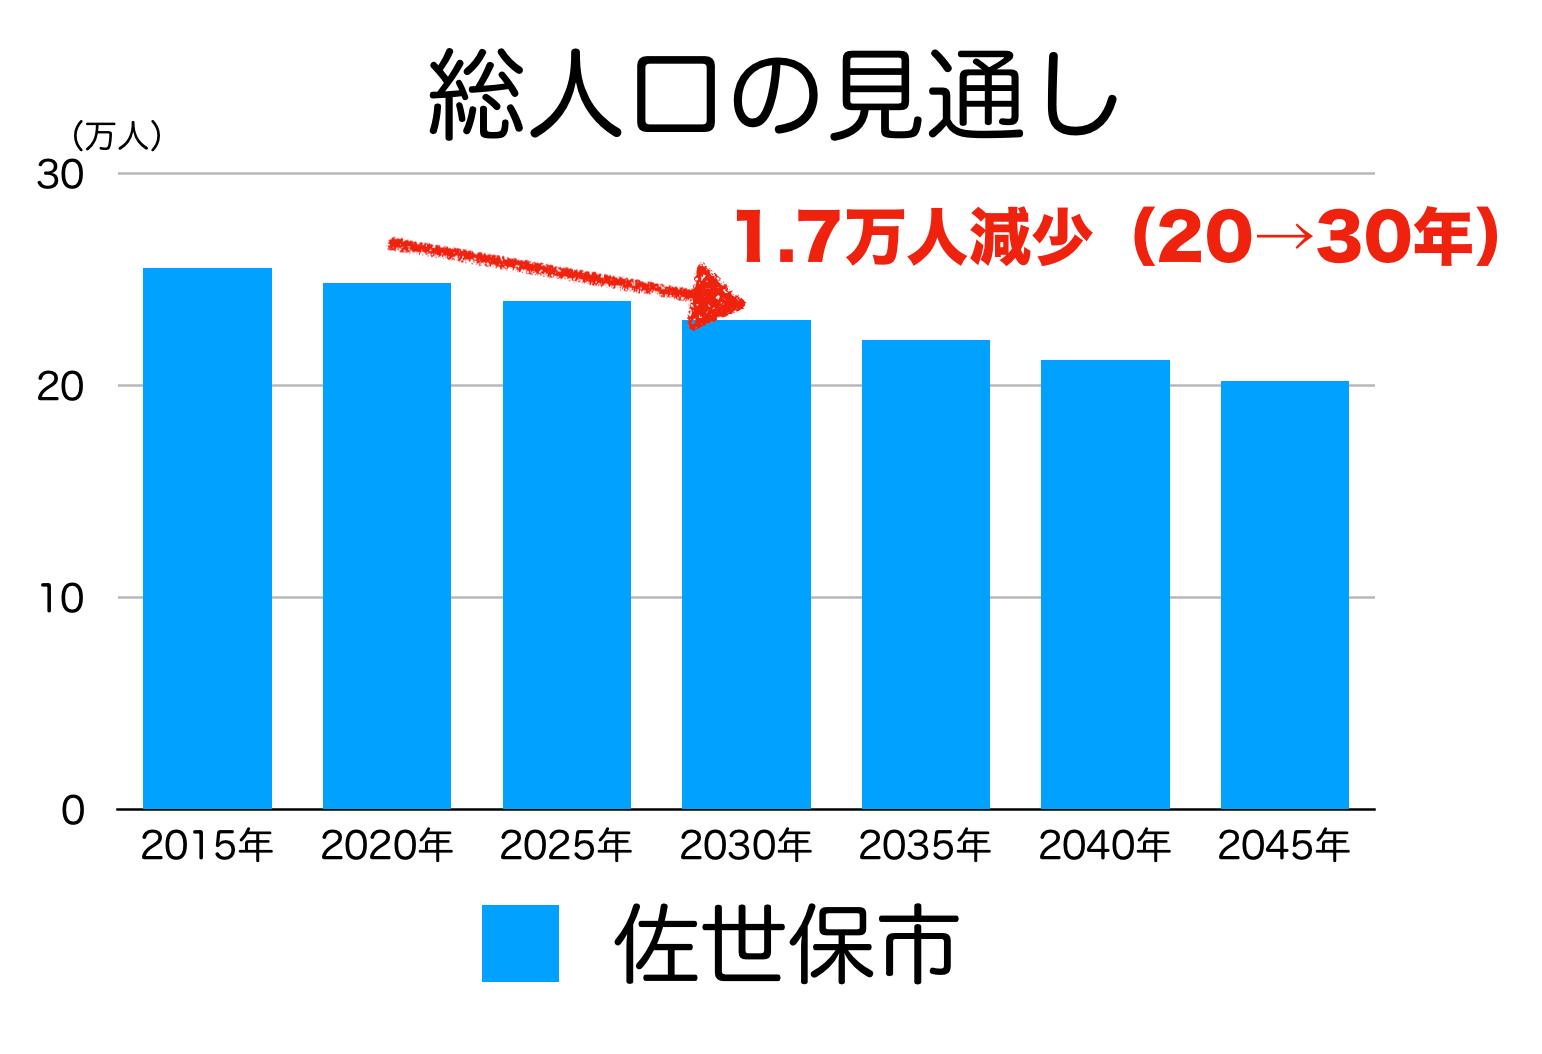 佐世保市の人口予測